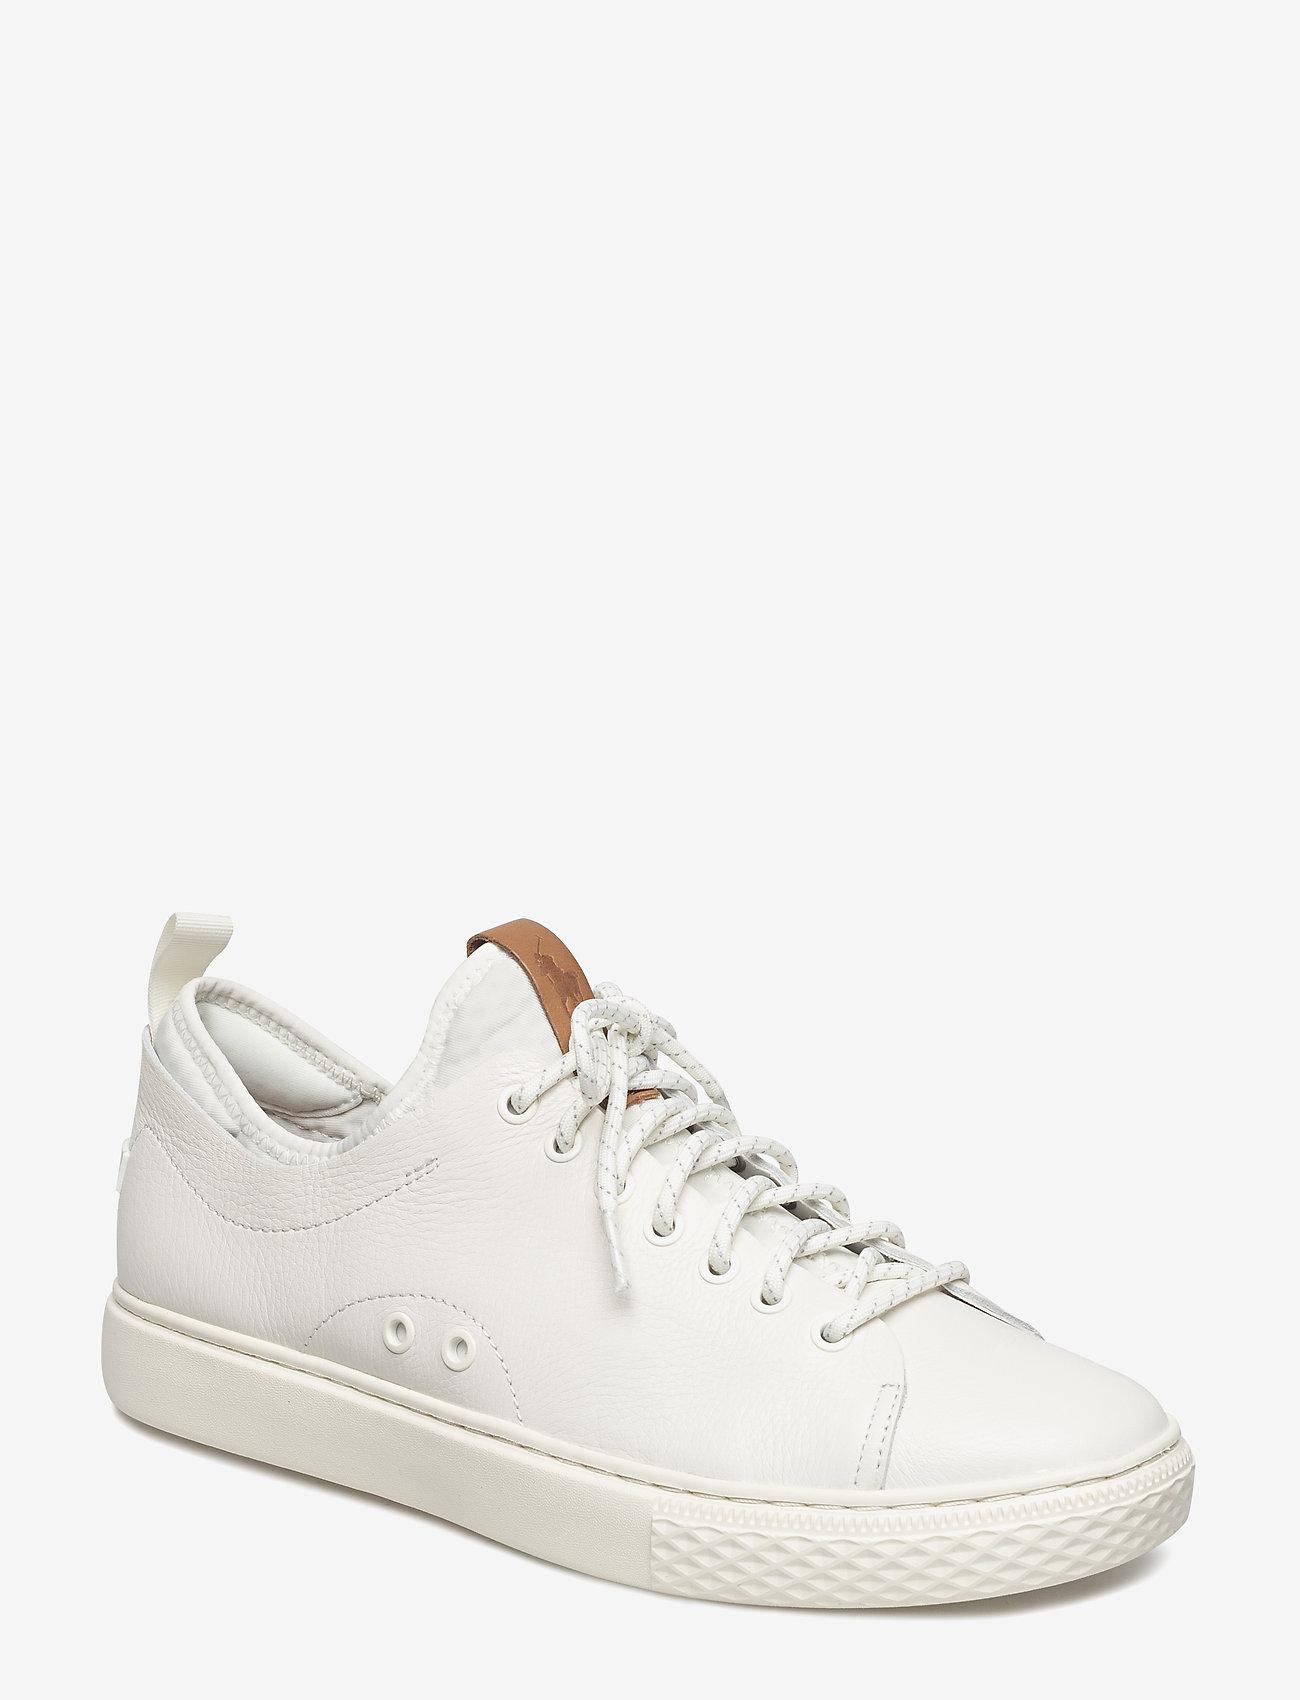 Dunovin Leather Sneaker (White) (90.97